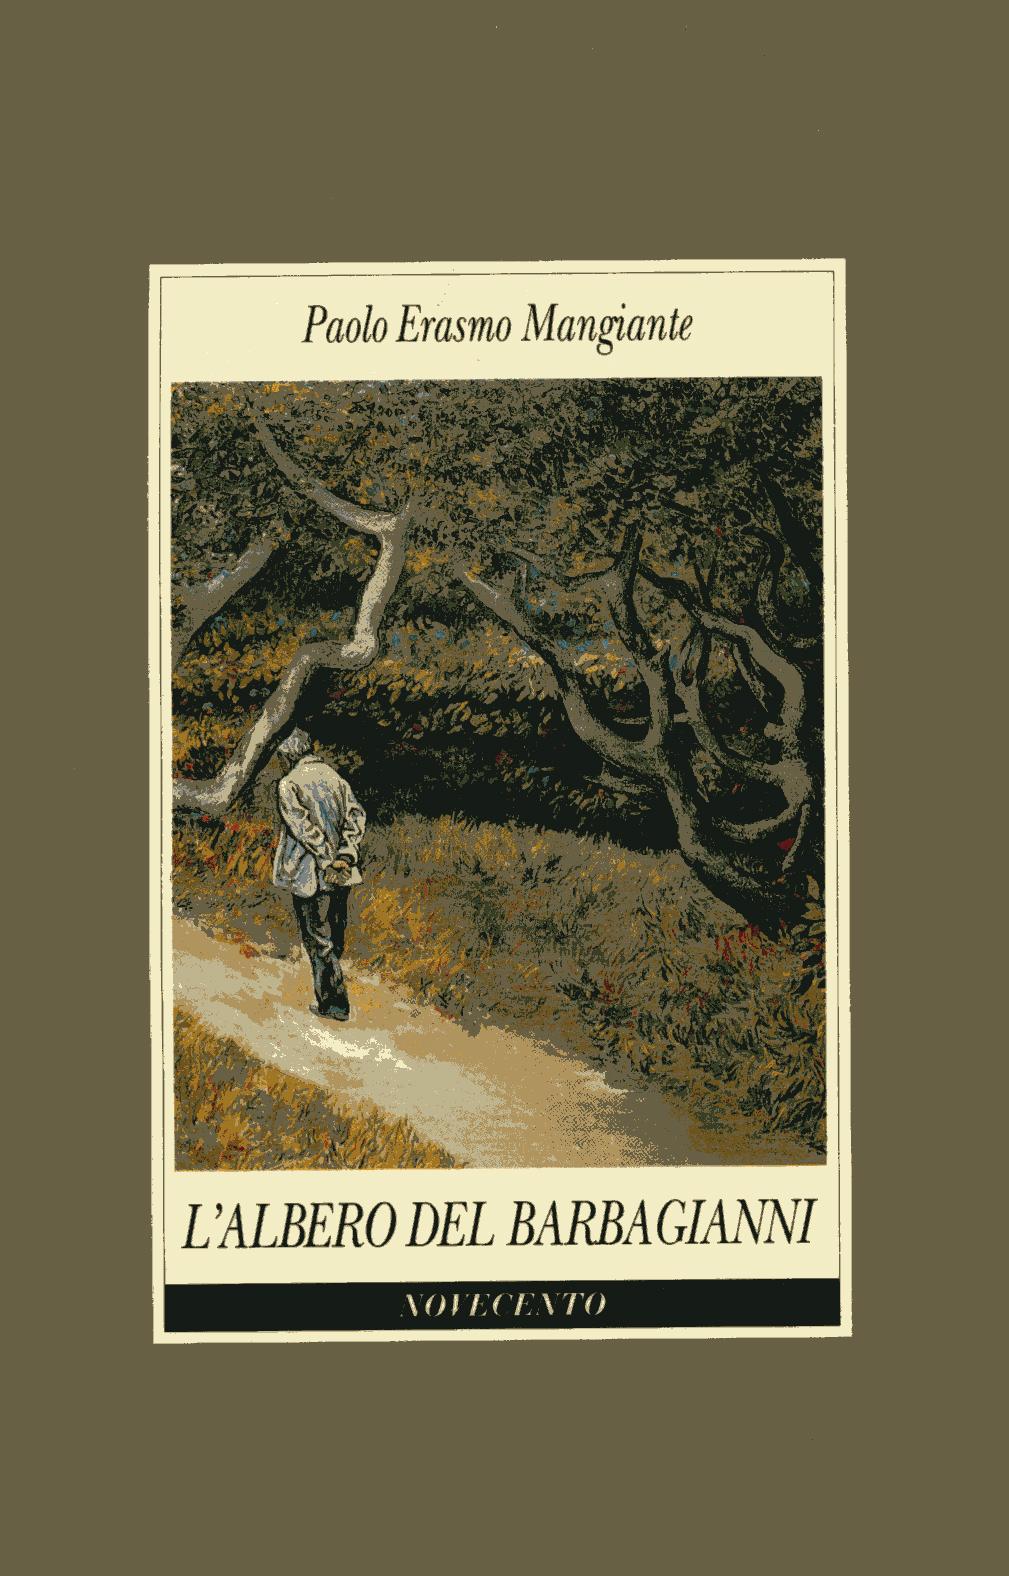 L'albero del barbagianni